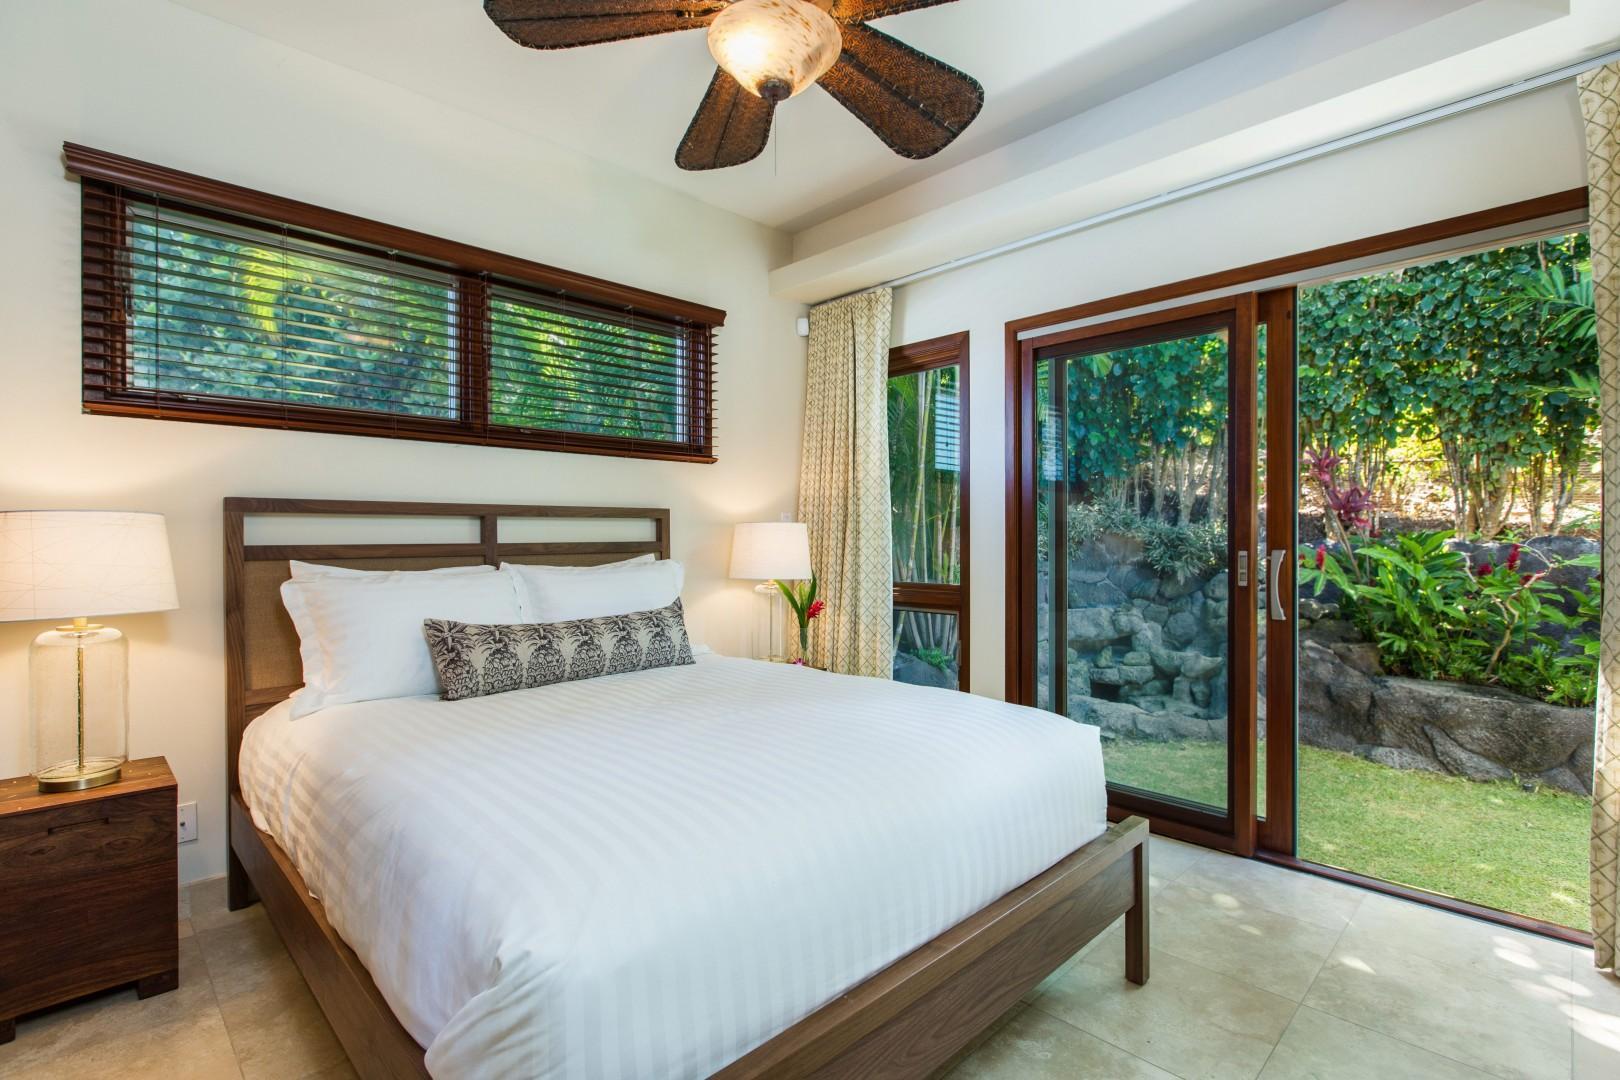 Second floor queen bedroom with sliding door to the back yard.